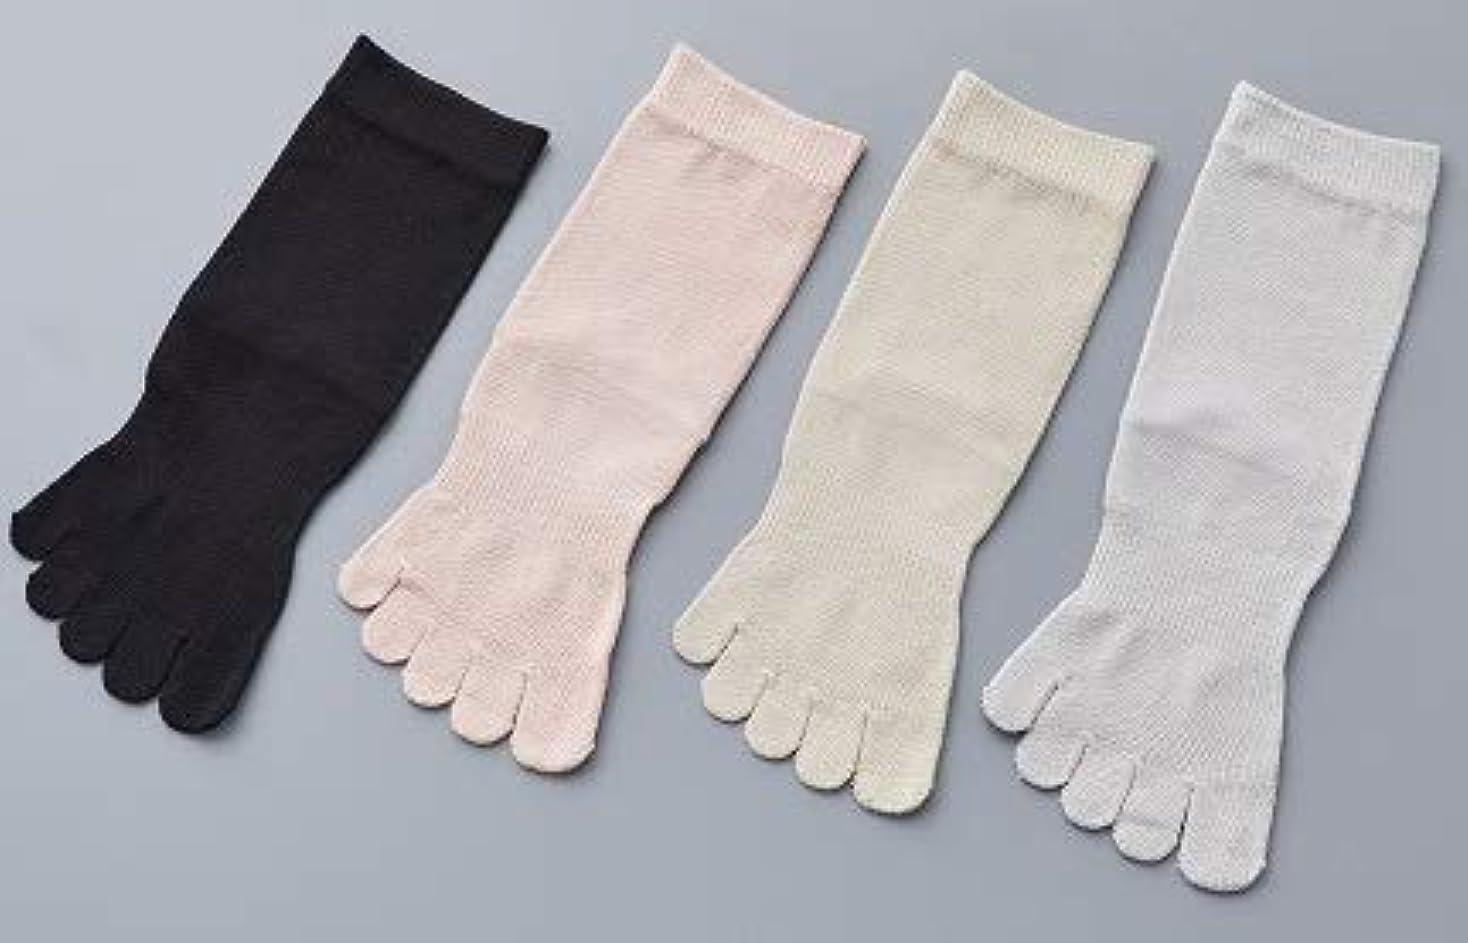 警告オーケストラ緩む婦人 シルク 5本指 靴 下最高級 シルク100% 使用 プレゼントに最適 22-24cm 太陽ニット S90 (ベージュ)